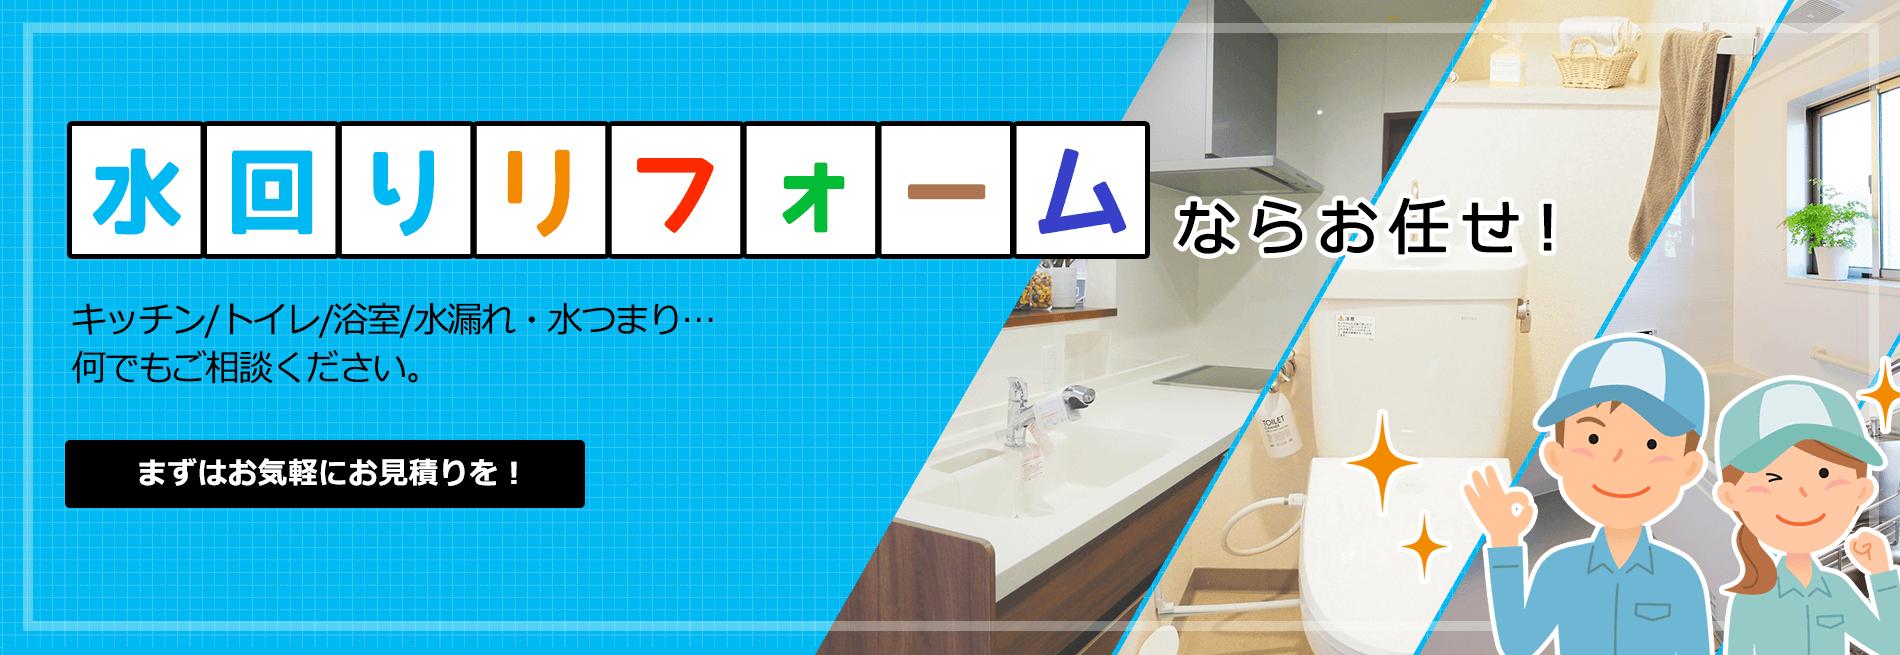 リフォーム キッチン 世田谷 区